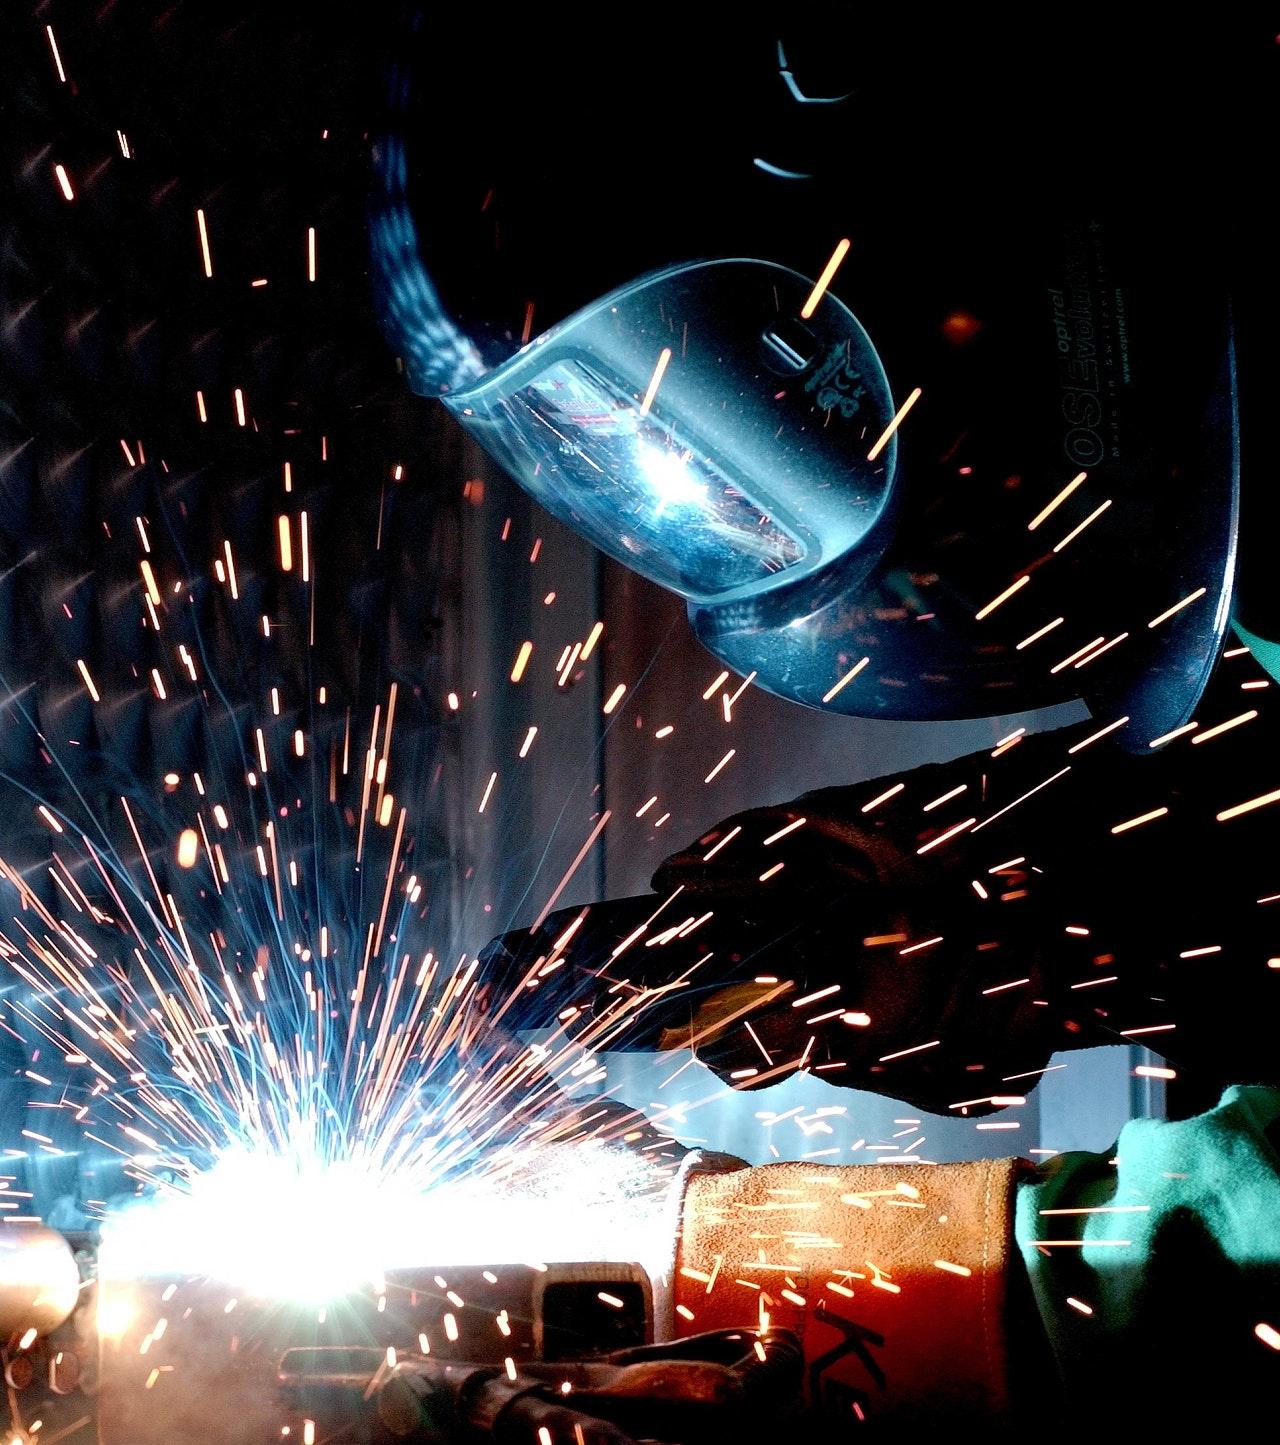 esperto nella lavorazione acciaio inox